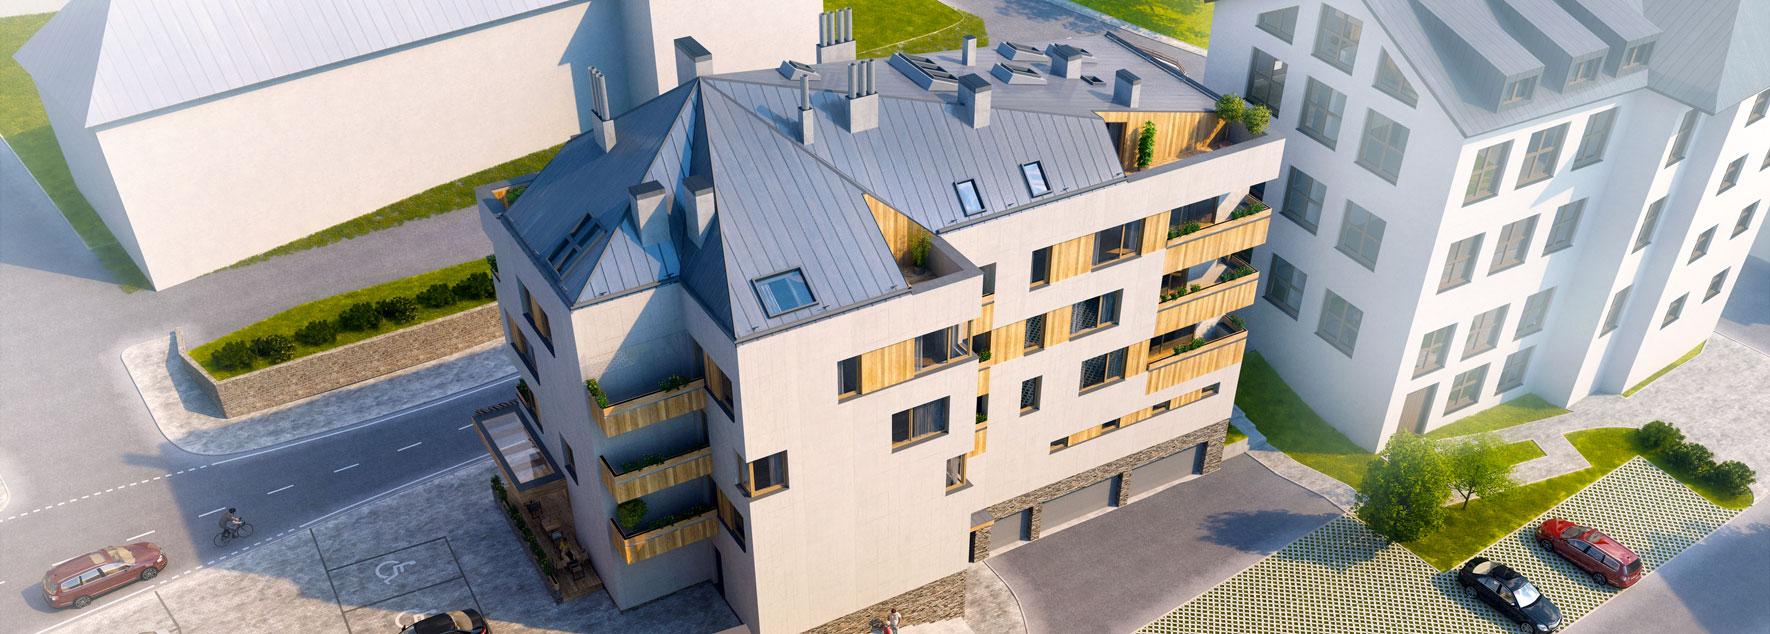 Rezidence-Klostermann-slide-nove2